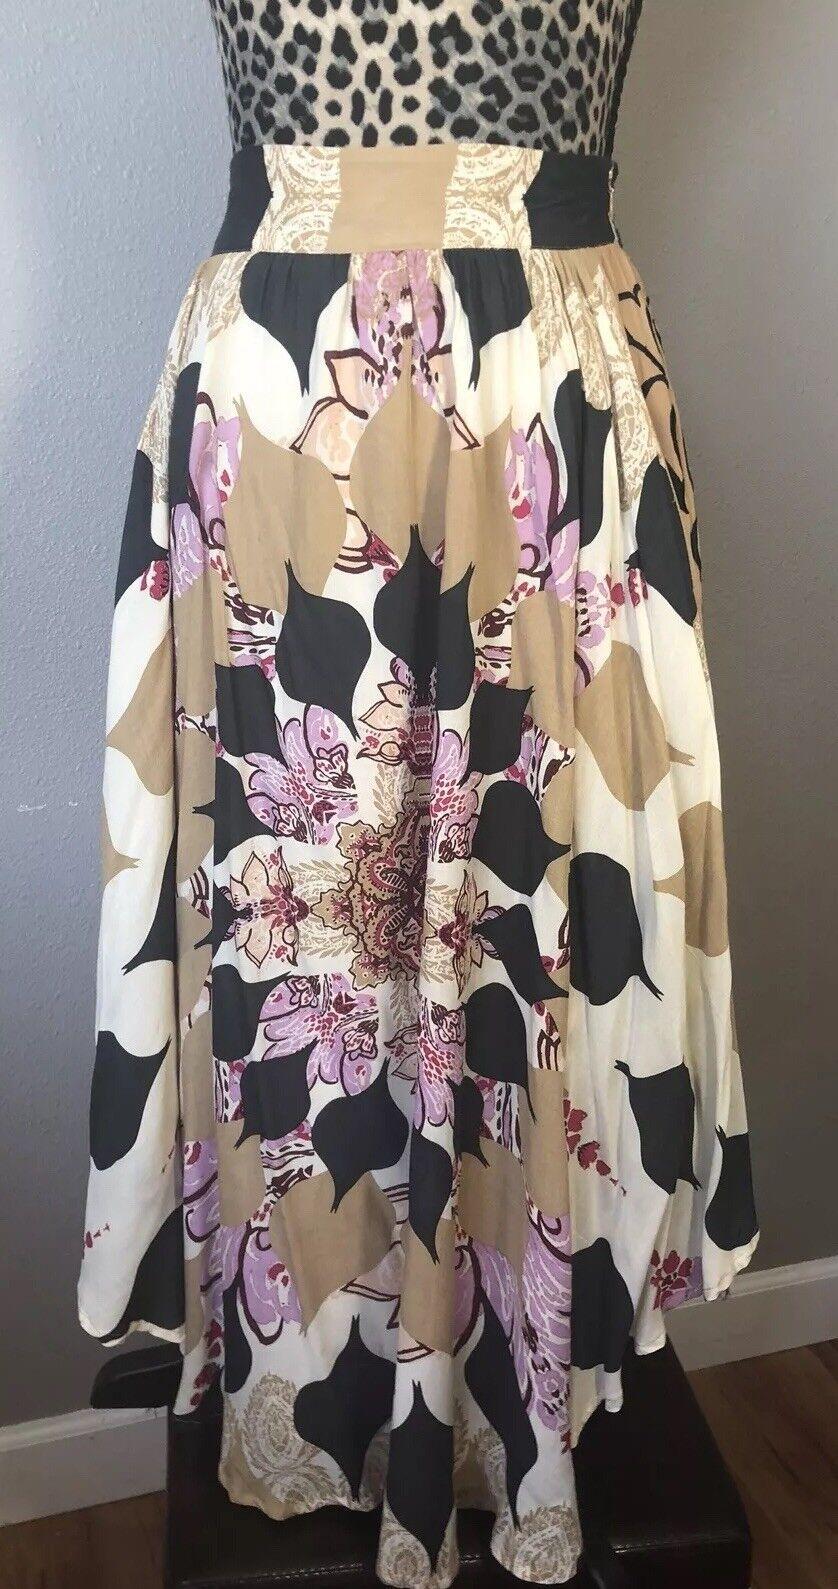 Free People Side Cutout Midi Skirt Size 4